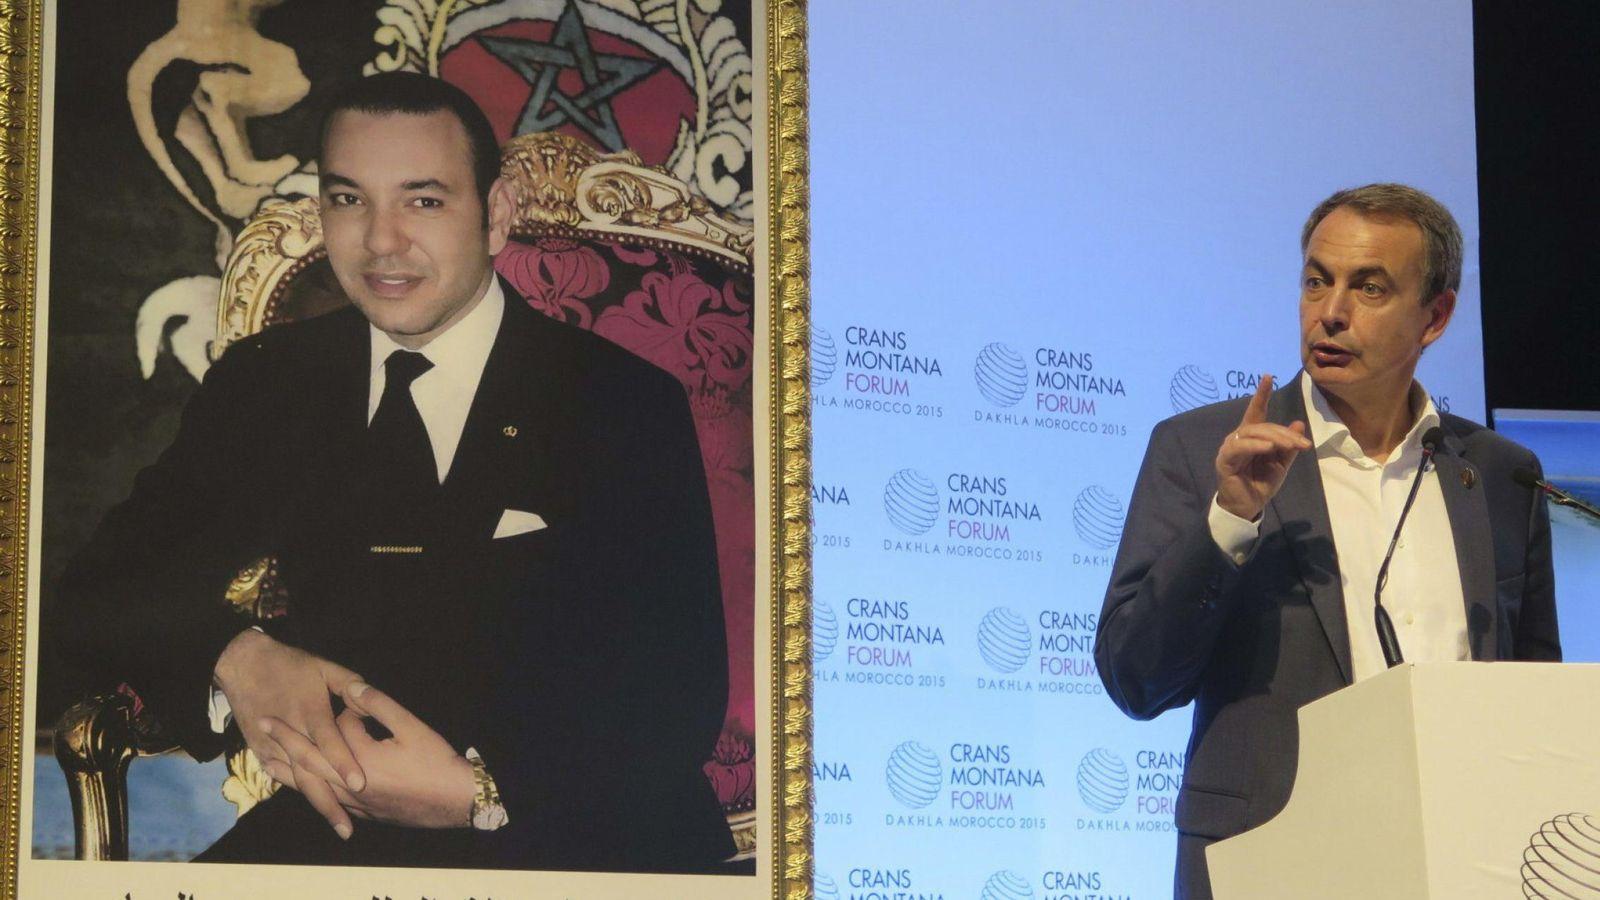 Foto: Zapatero, durante su intervención en el Foro Crans Montana, en Dajla, en Sáhara Occidental. (EFE/Javier Otazu)